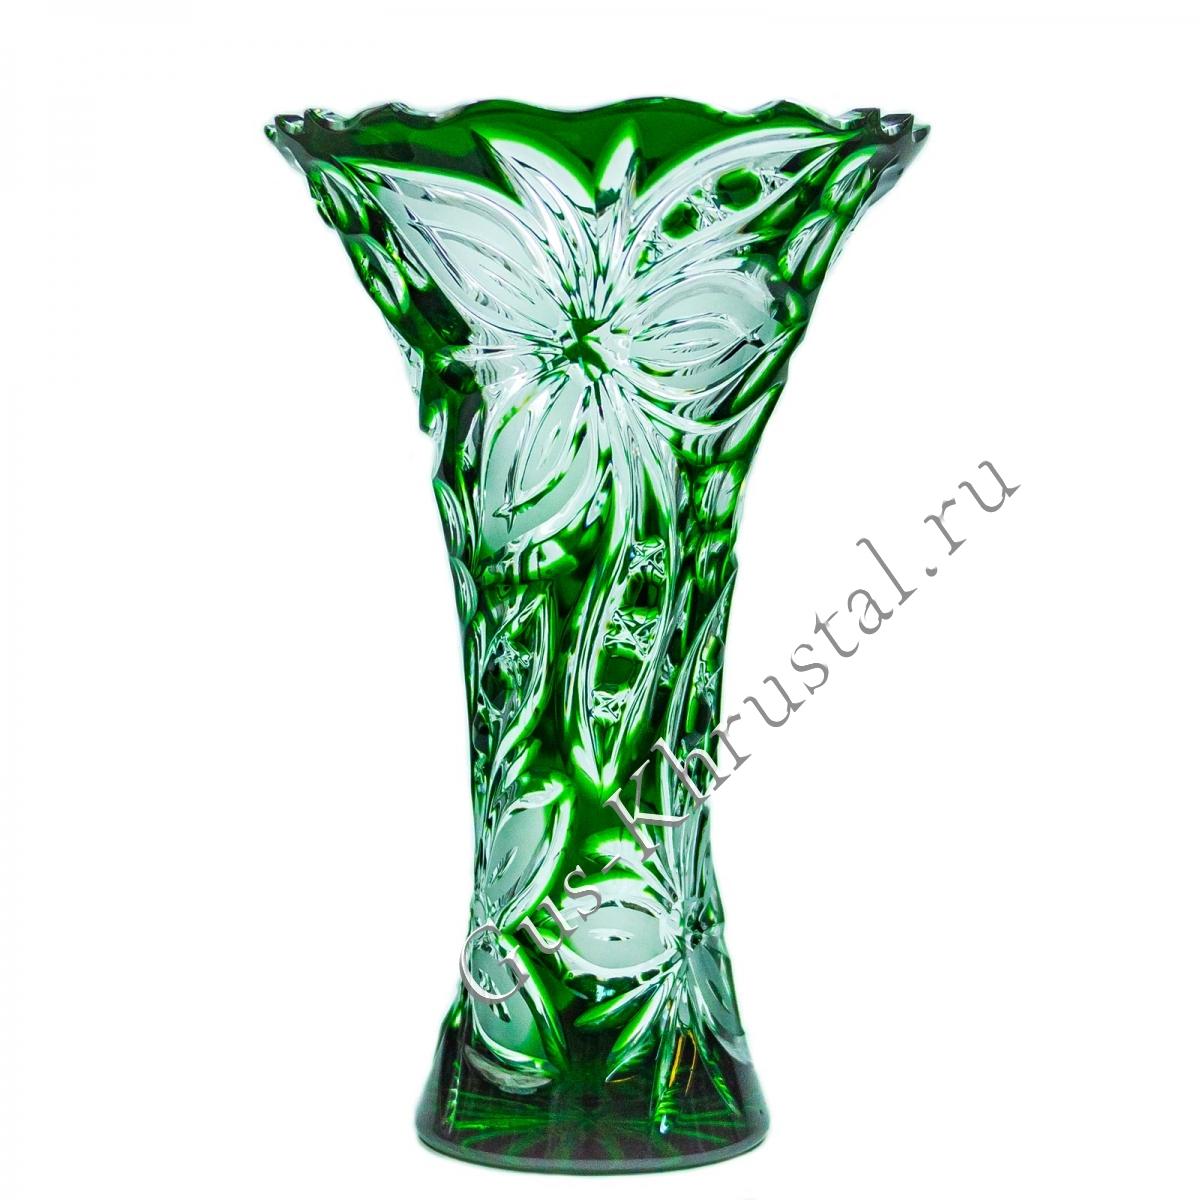 Ваза Хрустальная Для Цветов Серенада зеленая